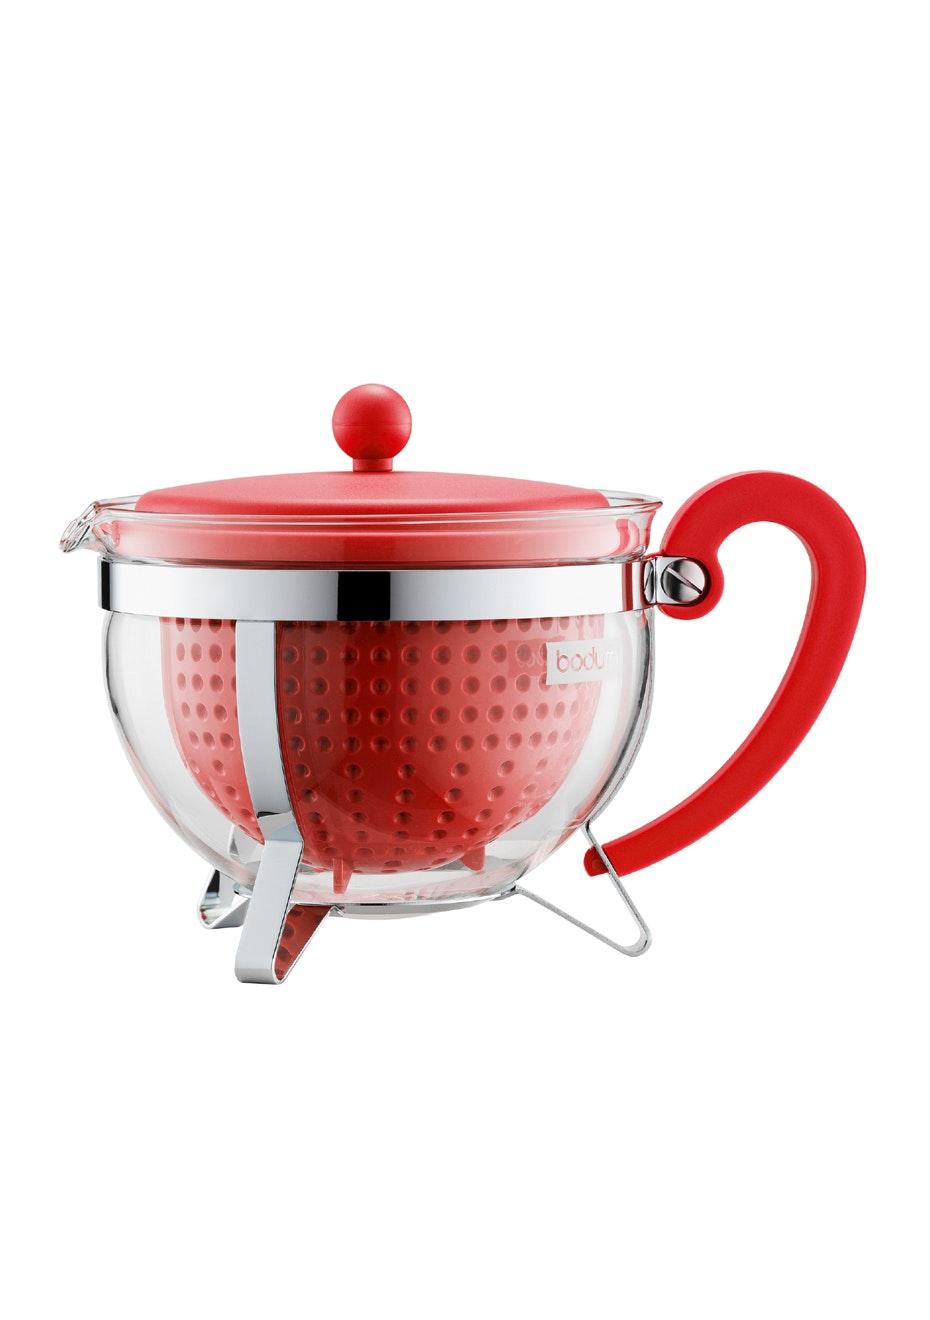 Bodum - Tea Pot, 1.3L - Red